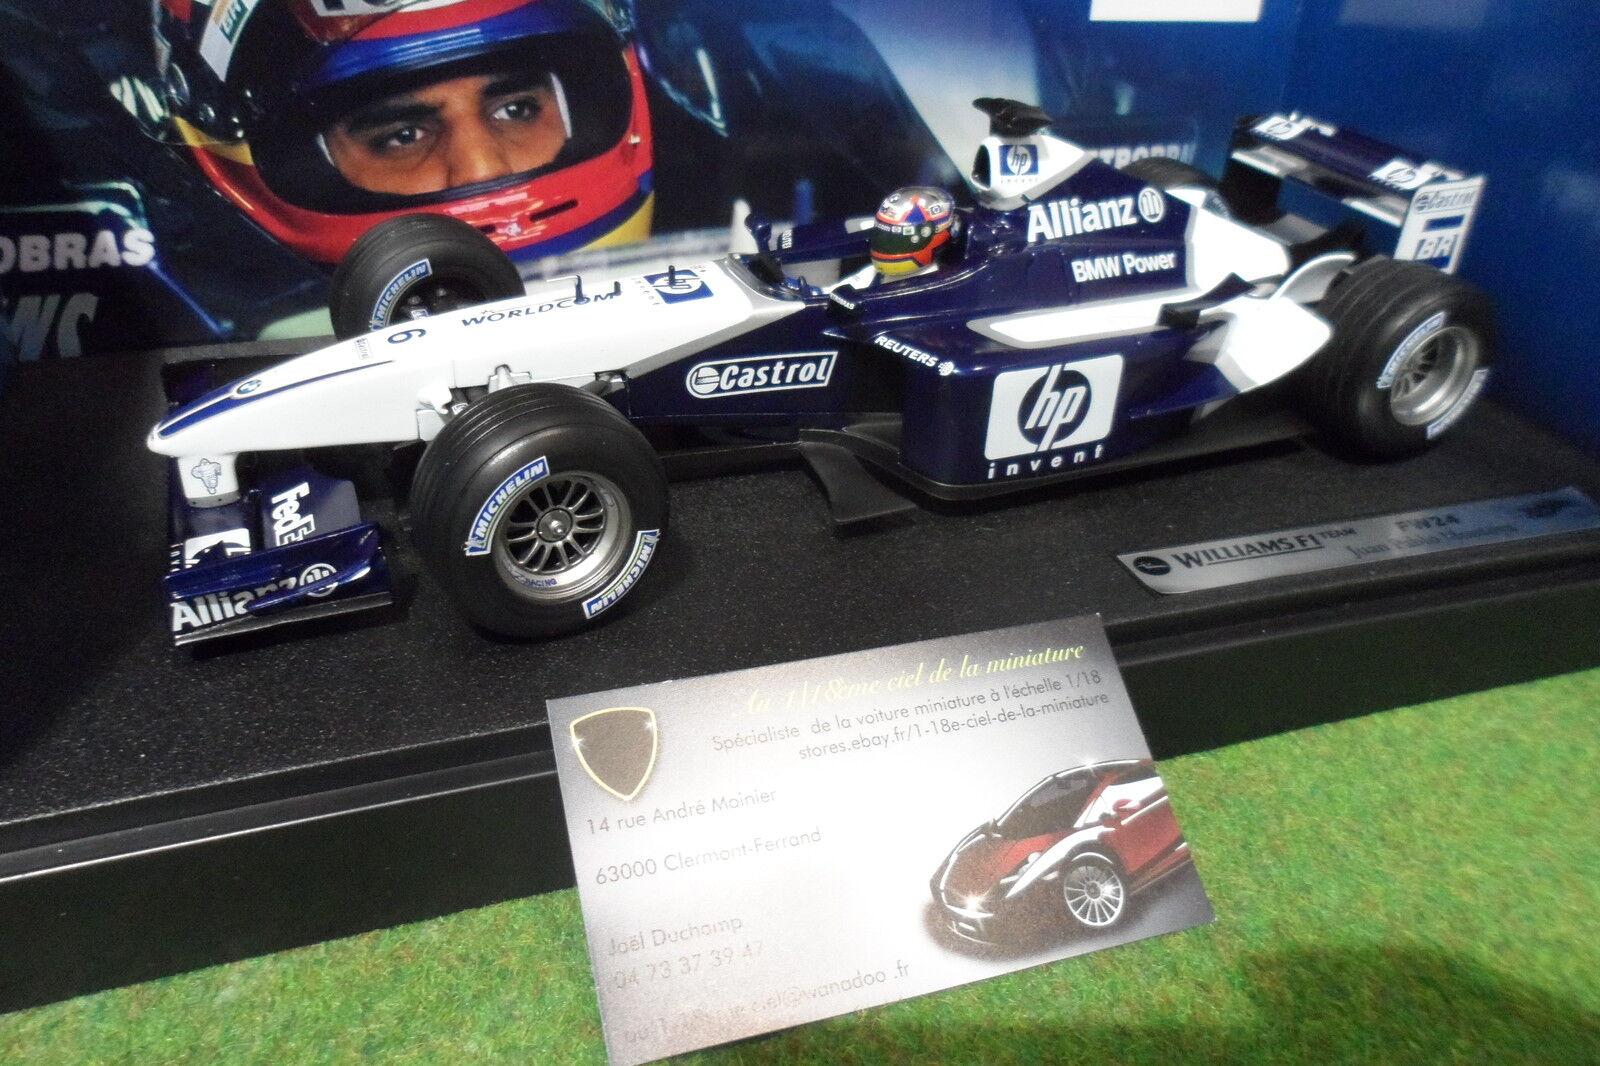 de moda F1 WILLIAMS BMW FW24 MONTOYA    6 au 1 18 HOT WHEELS MATTEL 80430146634 formule 1  forma única